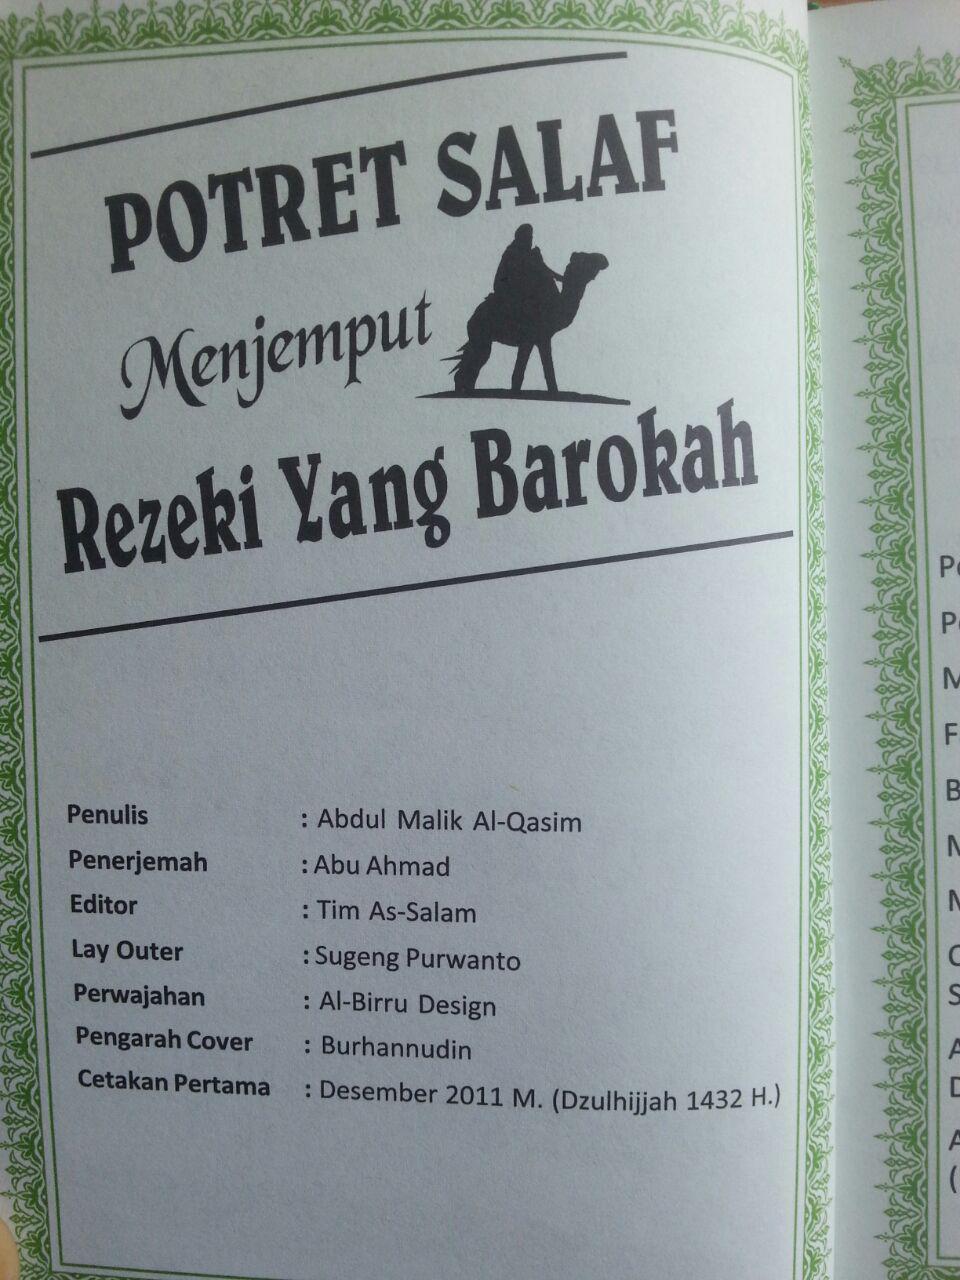 Buku Potret Salaf Menjemput Rezeki yang Barokah isi